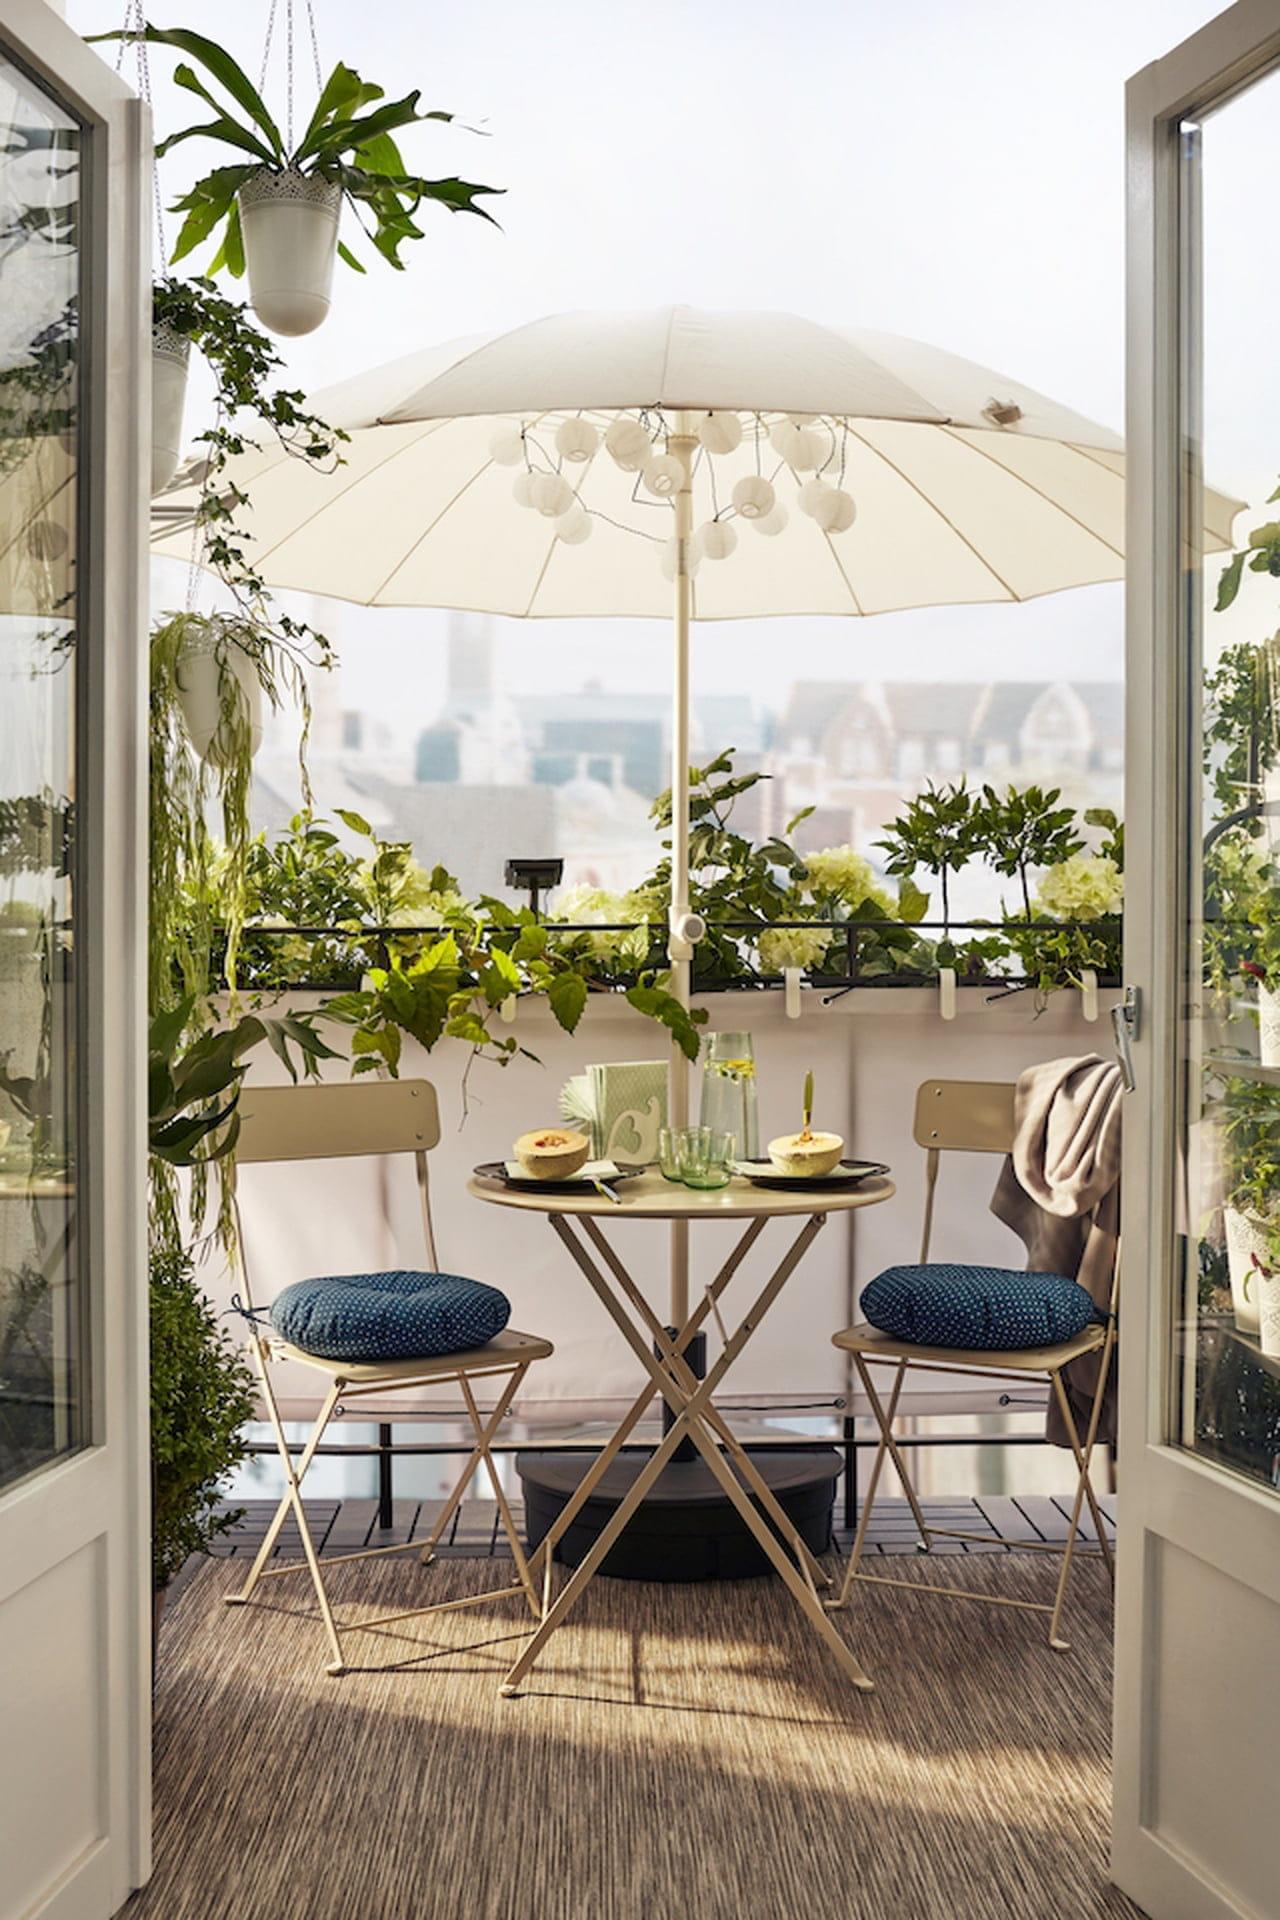 Tavolino Per Balcone Ikea ikea giardino 2017: outdoor conviviale - magazine delle donne